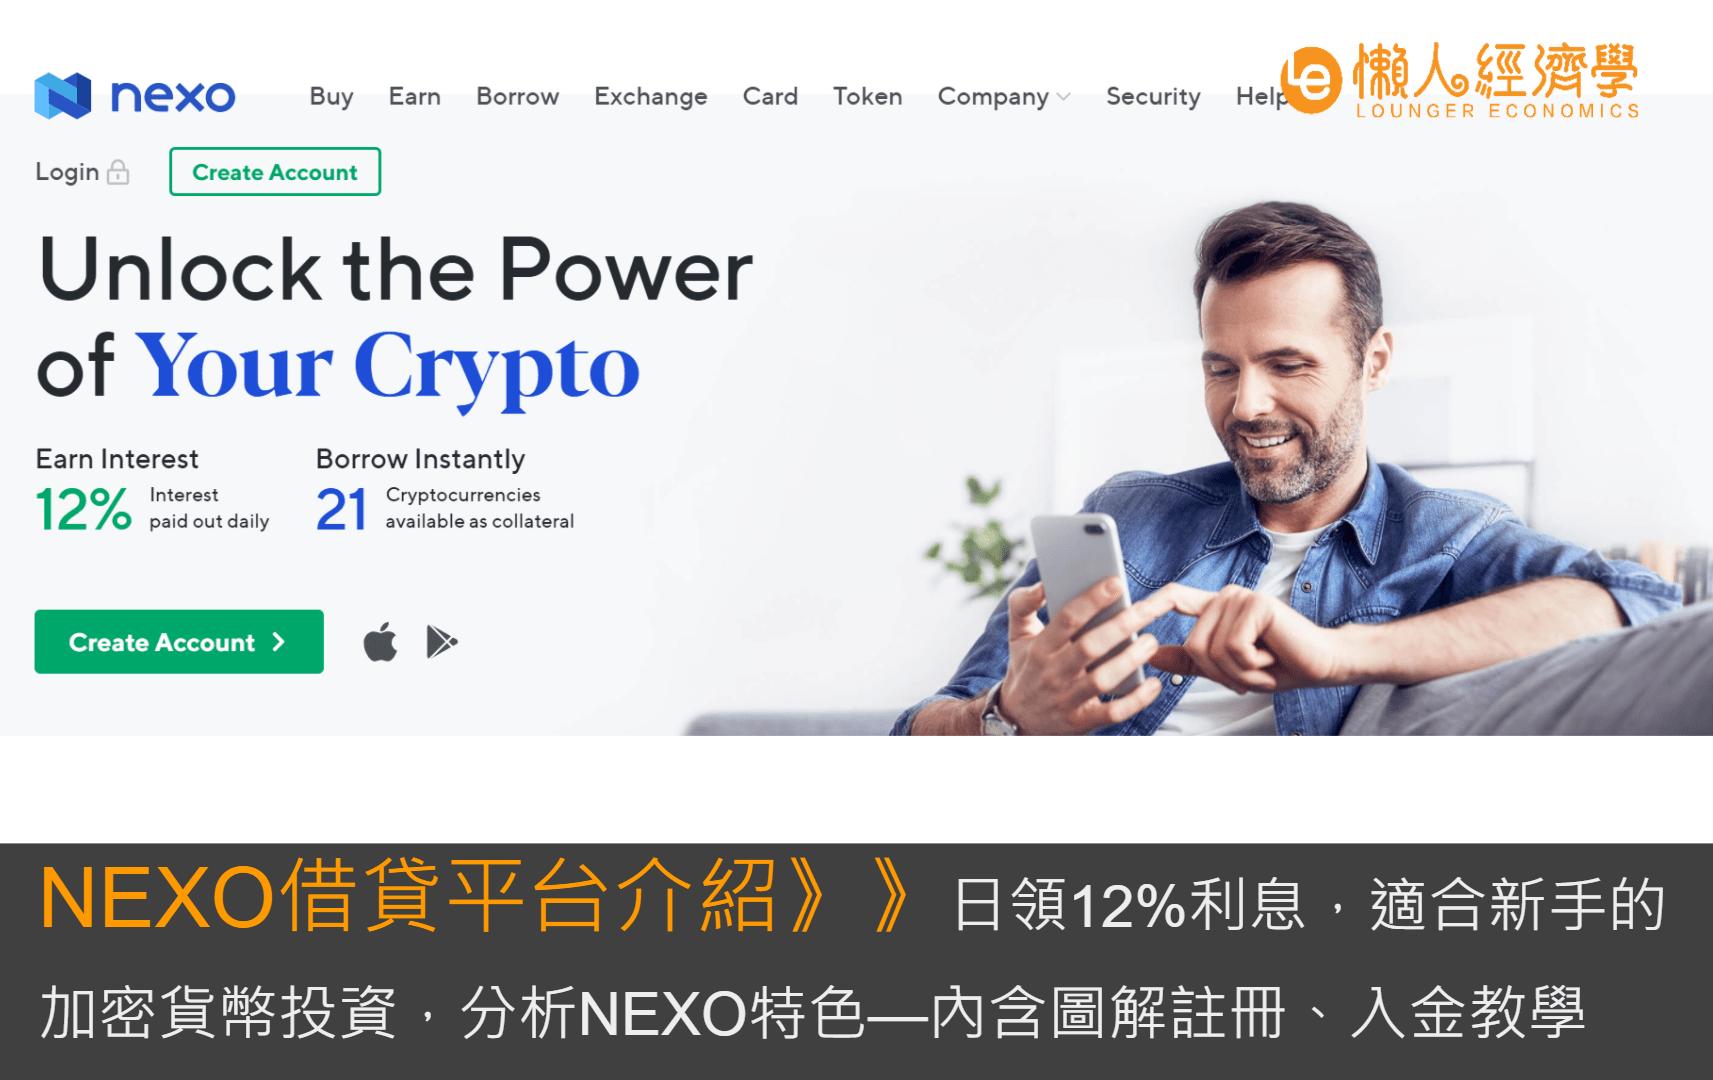 NEXO借貸平台介紹:日領12%利息,適合新手的加密貨幣投資,分析NEXO平台特色—內含圖解註冊、入金教學